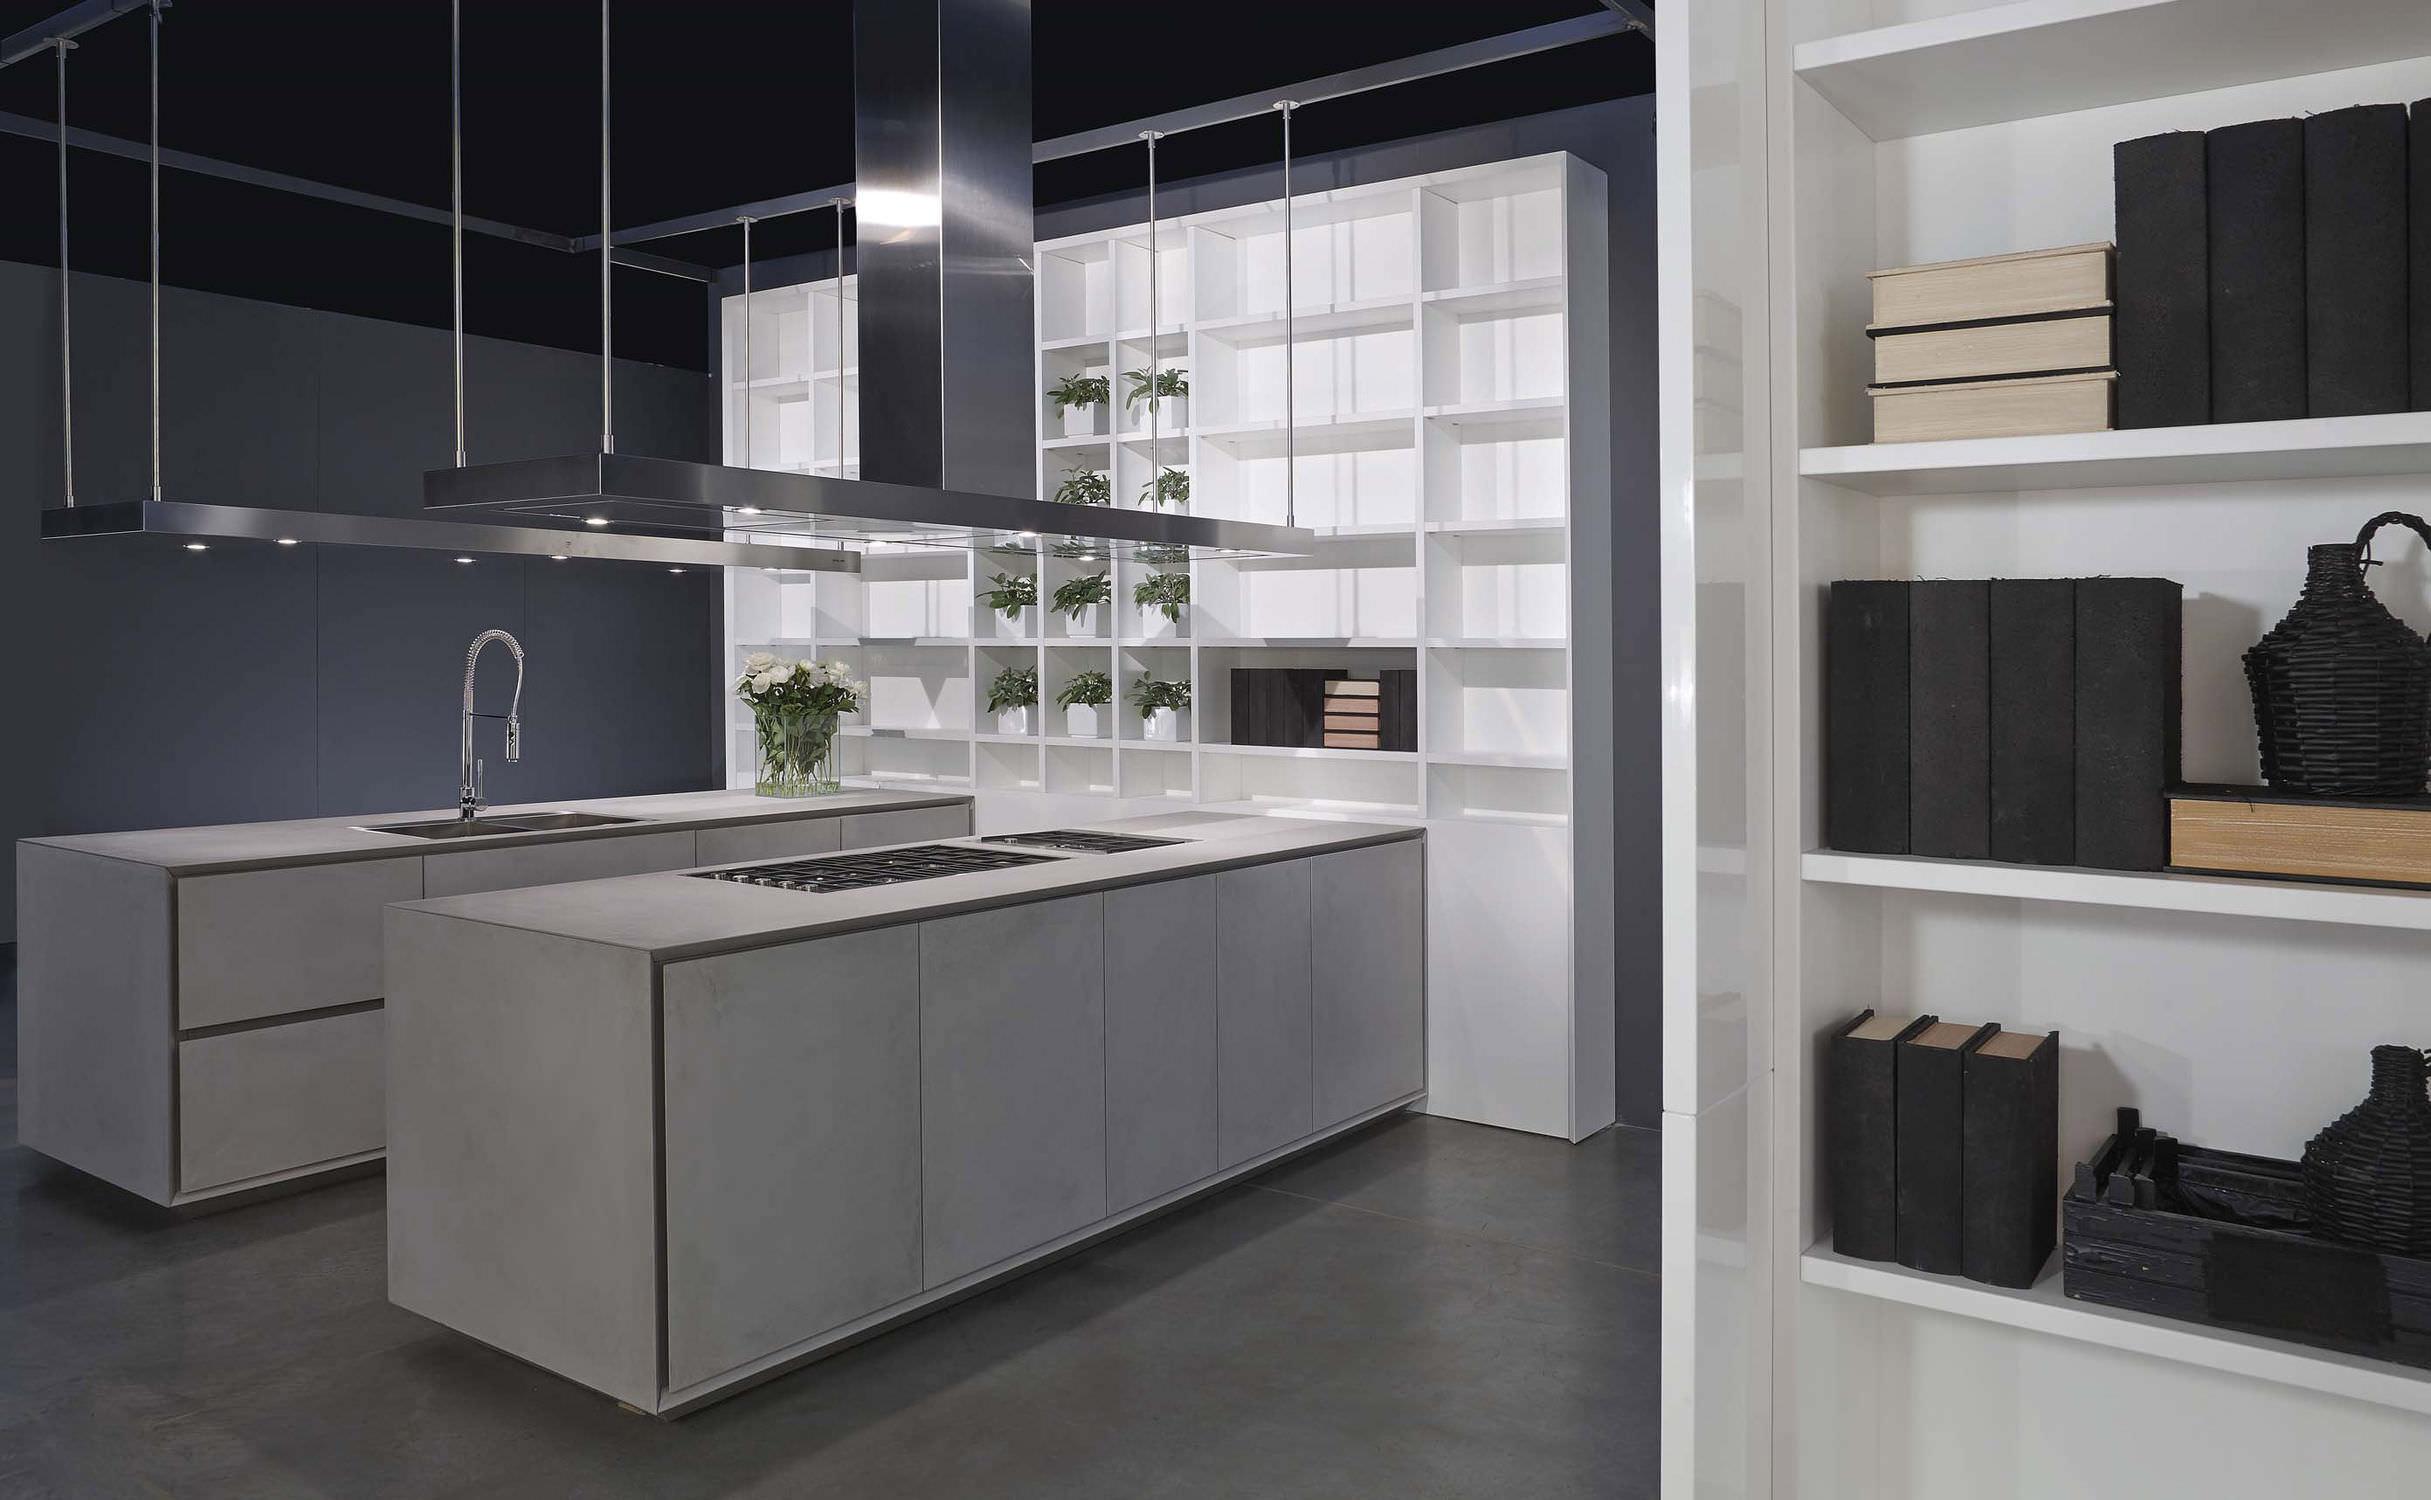 Cucina moderna / in calcestruzzo / con isola / laccata - ONE - RI ...